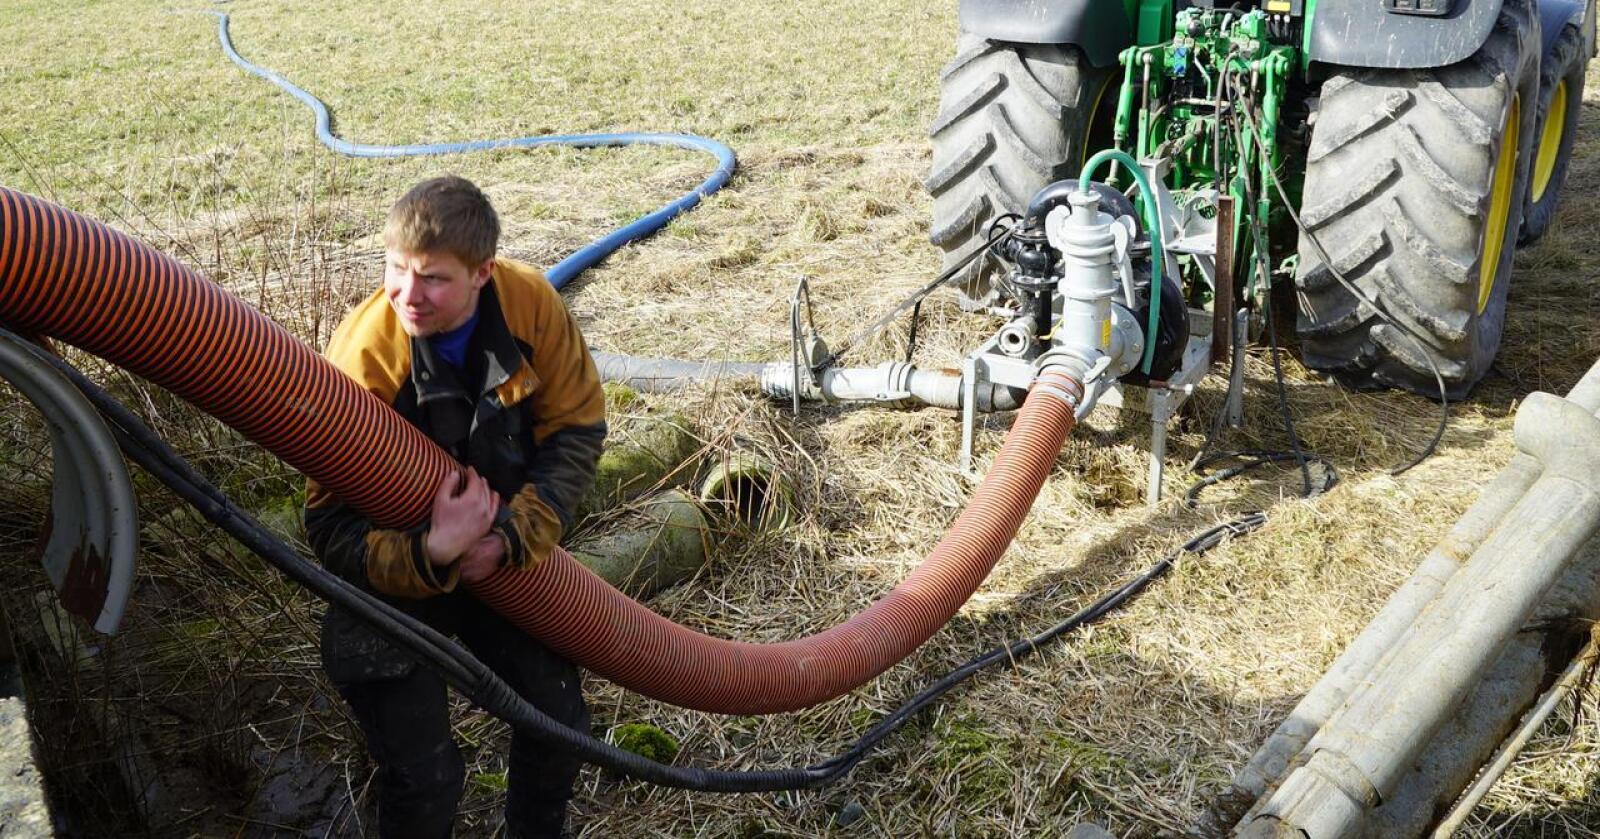 Leiekjøring: Mikal Daehlie Unnerud driver med leiekjøring i Østfold og Follo og var en av entreprenørene vi skrev om i 2020. Han mener tilskuddsordningen til miljøvennlig gjødselspredning dekker det meste av kostnadene ved å leie inn entreprenør til å spre blautgjødsla med slange- og stripespreder. Arkivfoto: Norsk Landbruk